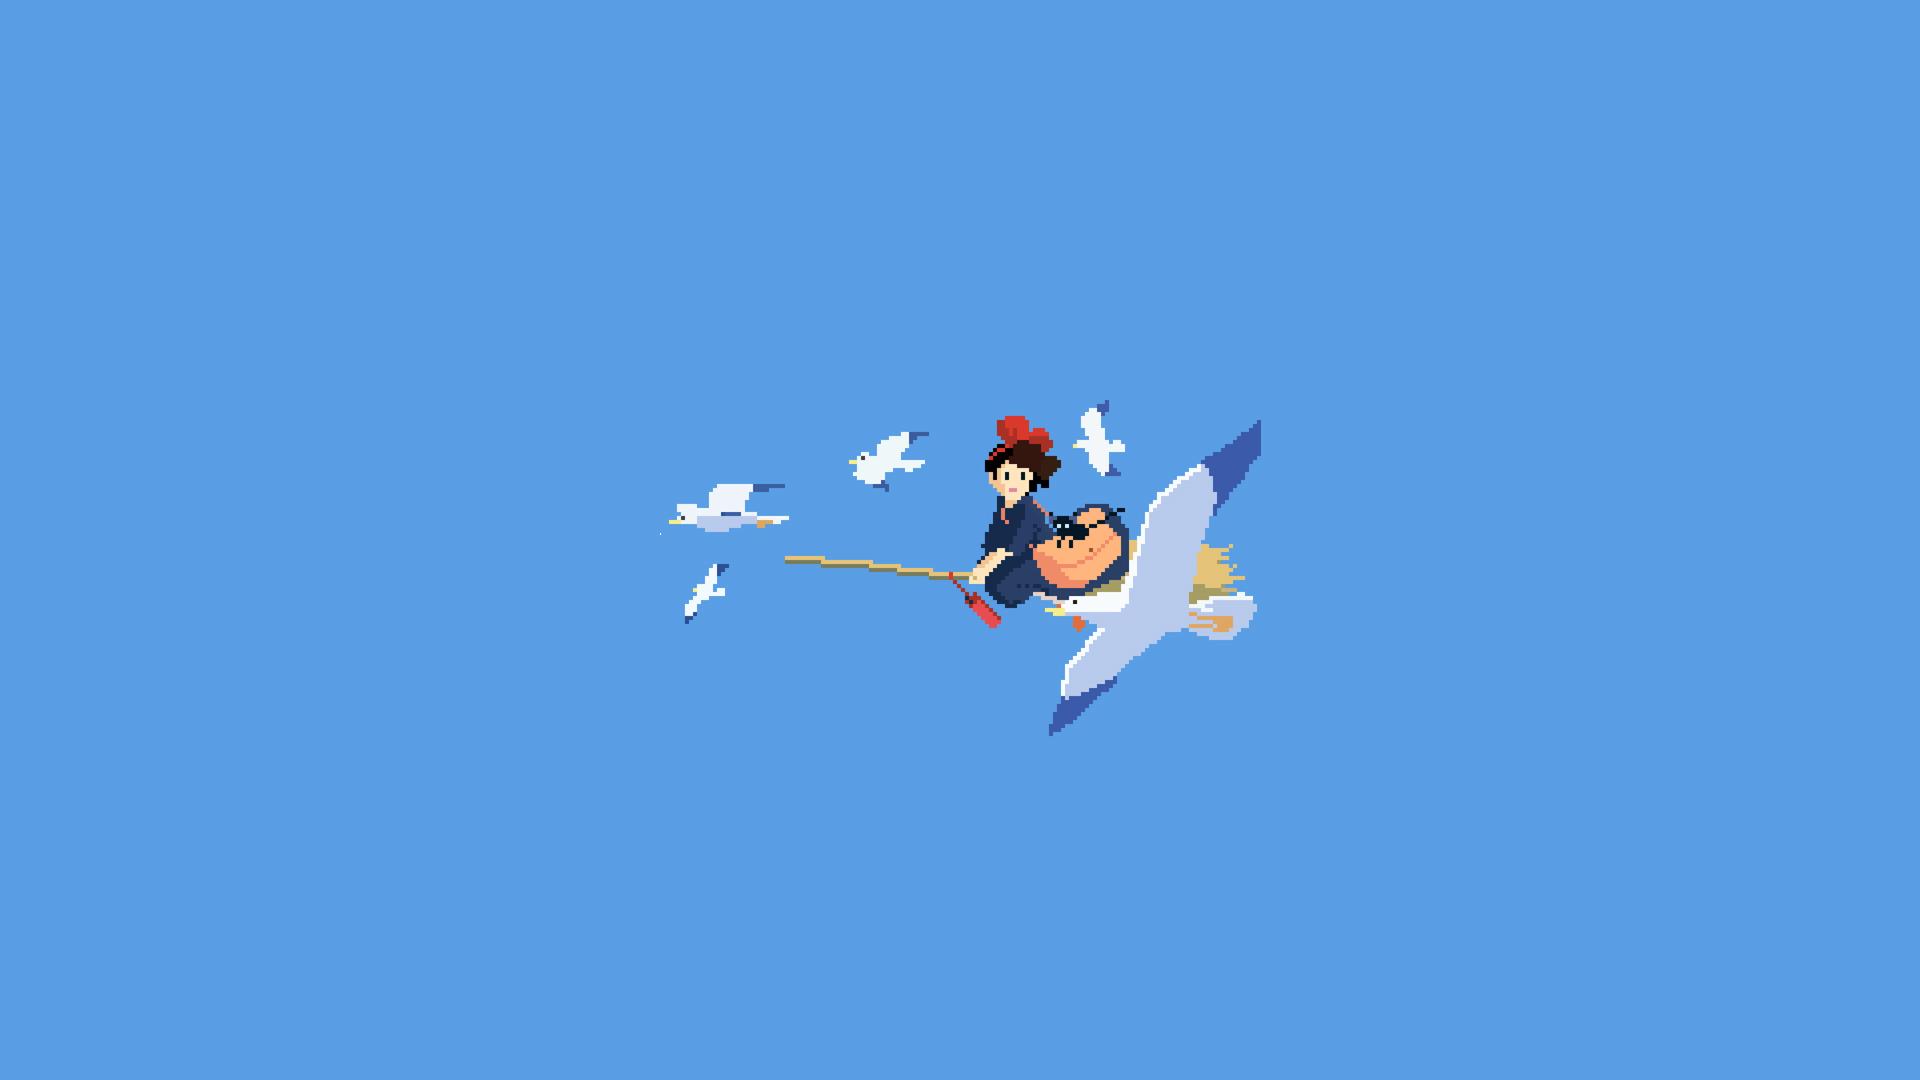 Studio Ghibli Backgrounds 1920x1080